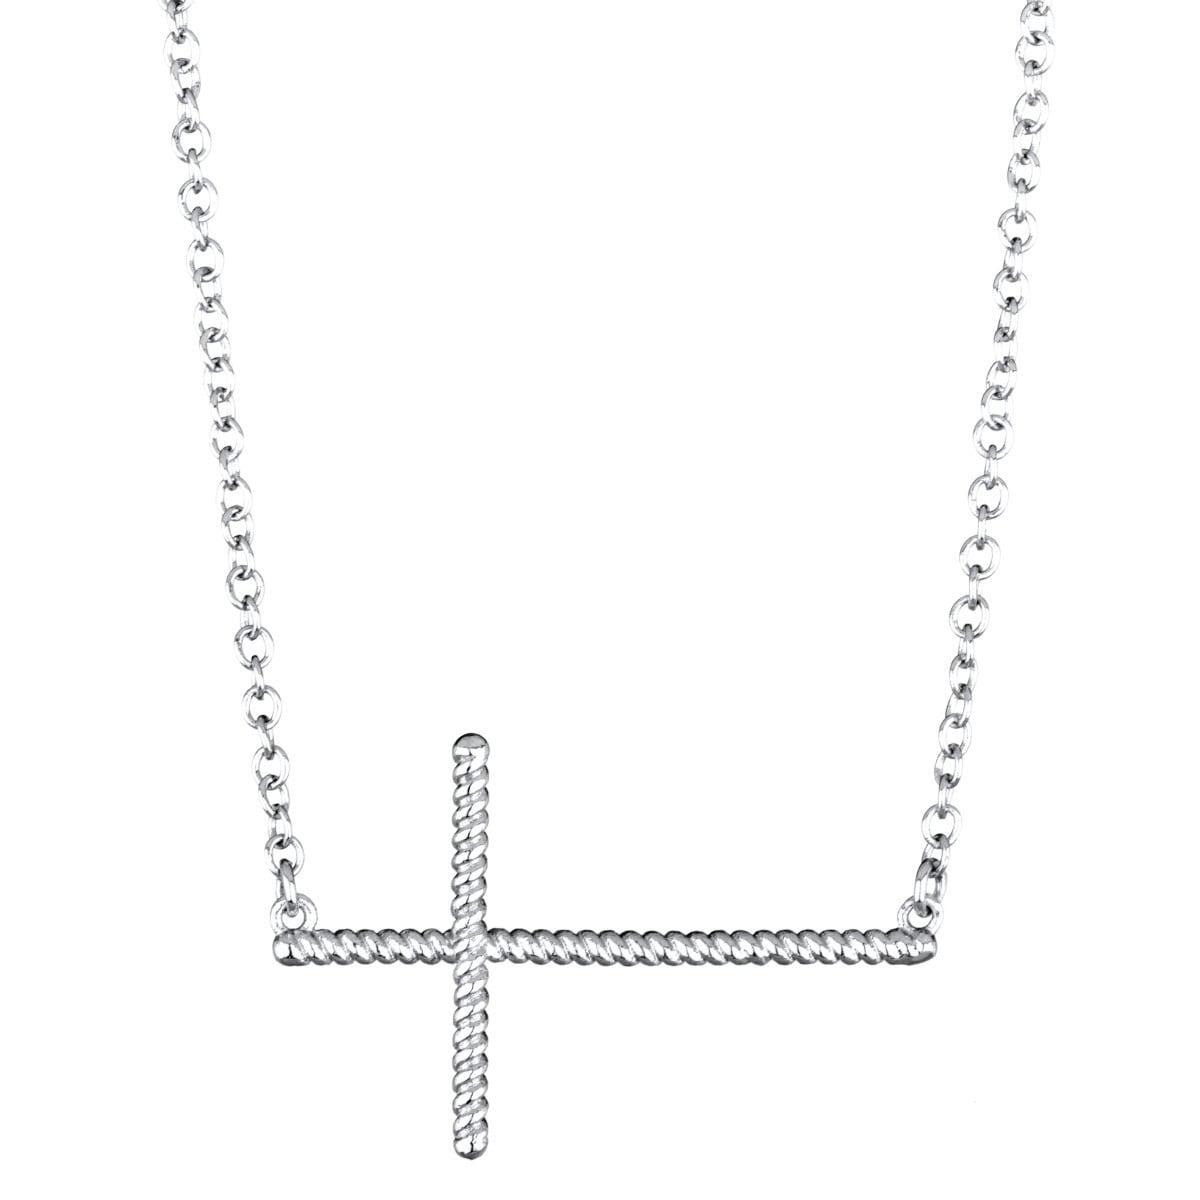 Silvertone Sterling Silver Beaded Sideways Cross Necklace...